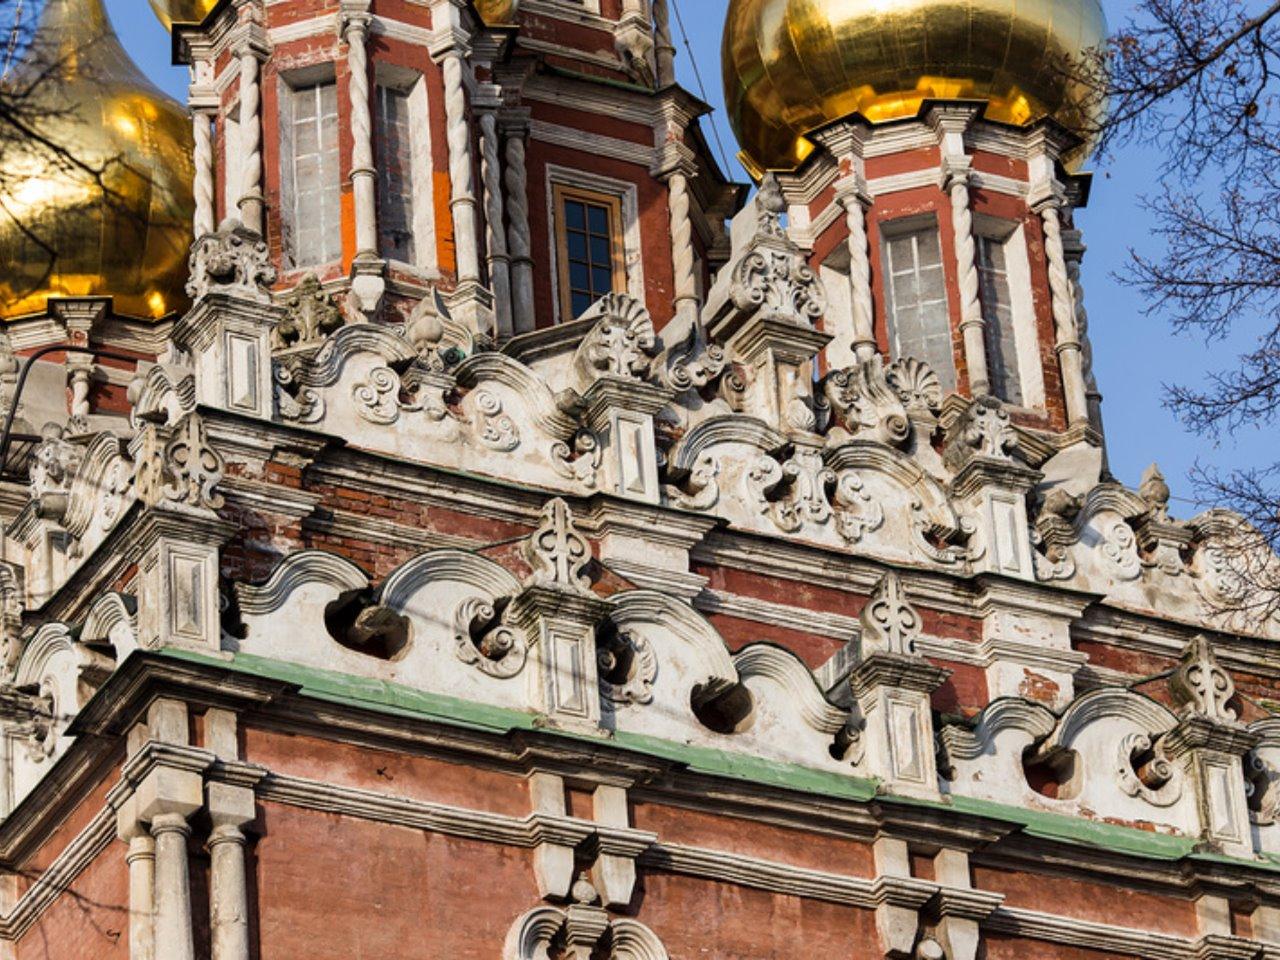 Удивительное Замоскворечье - индивидуальная экскурсия по Москве от опытного гида